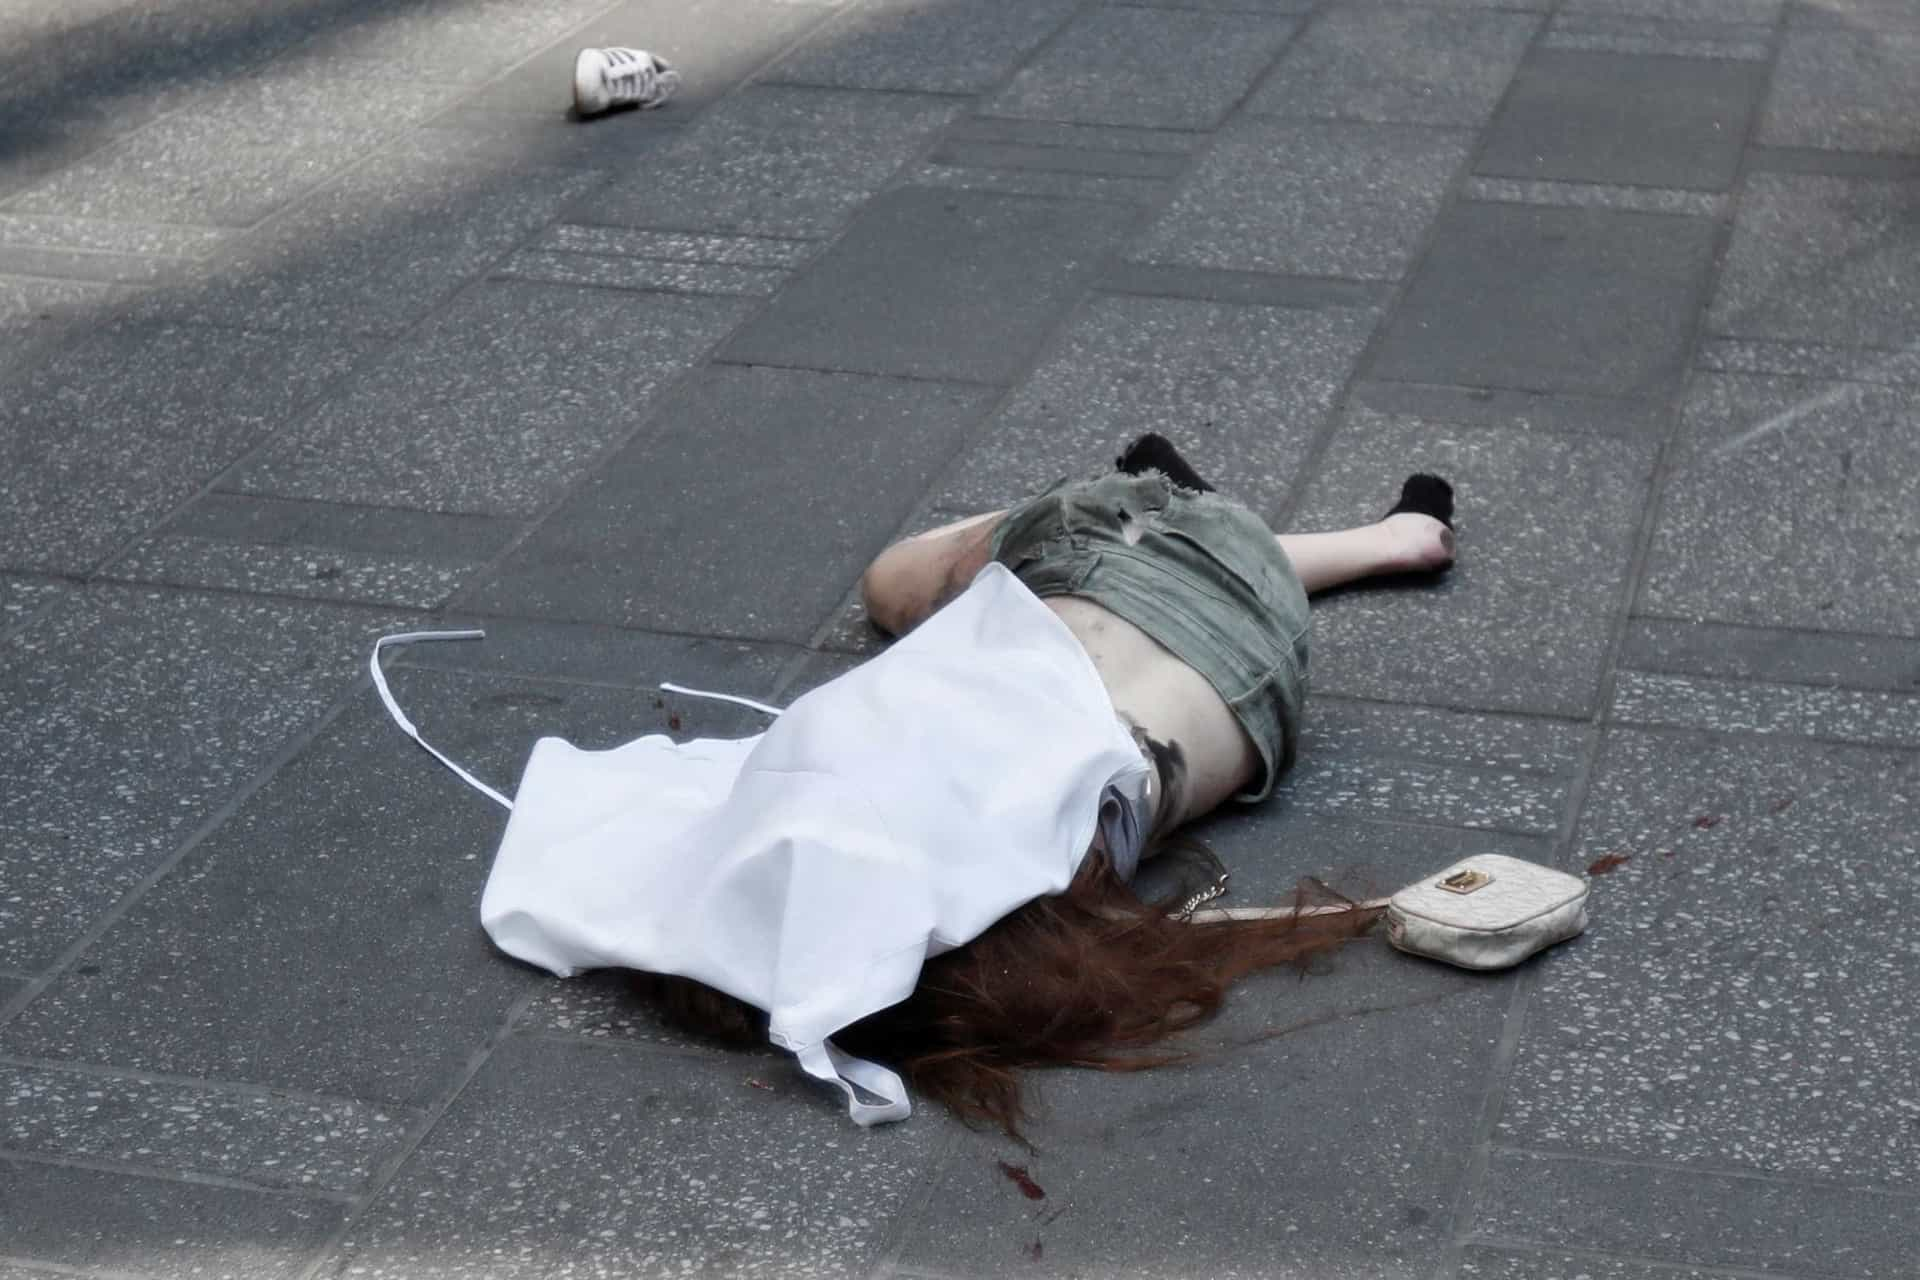 Imagens do acidente que assustou e matou em plena Times Square